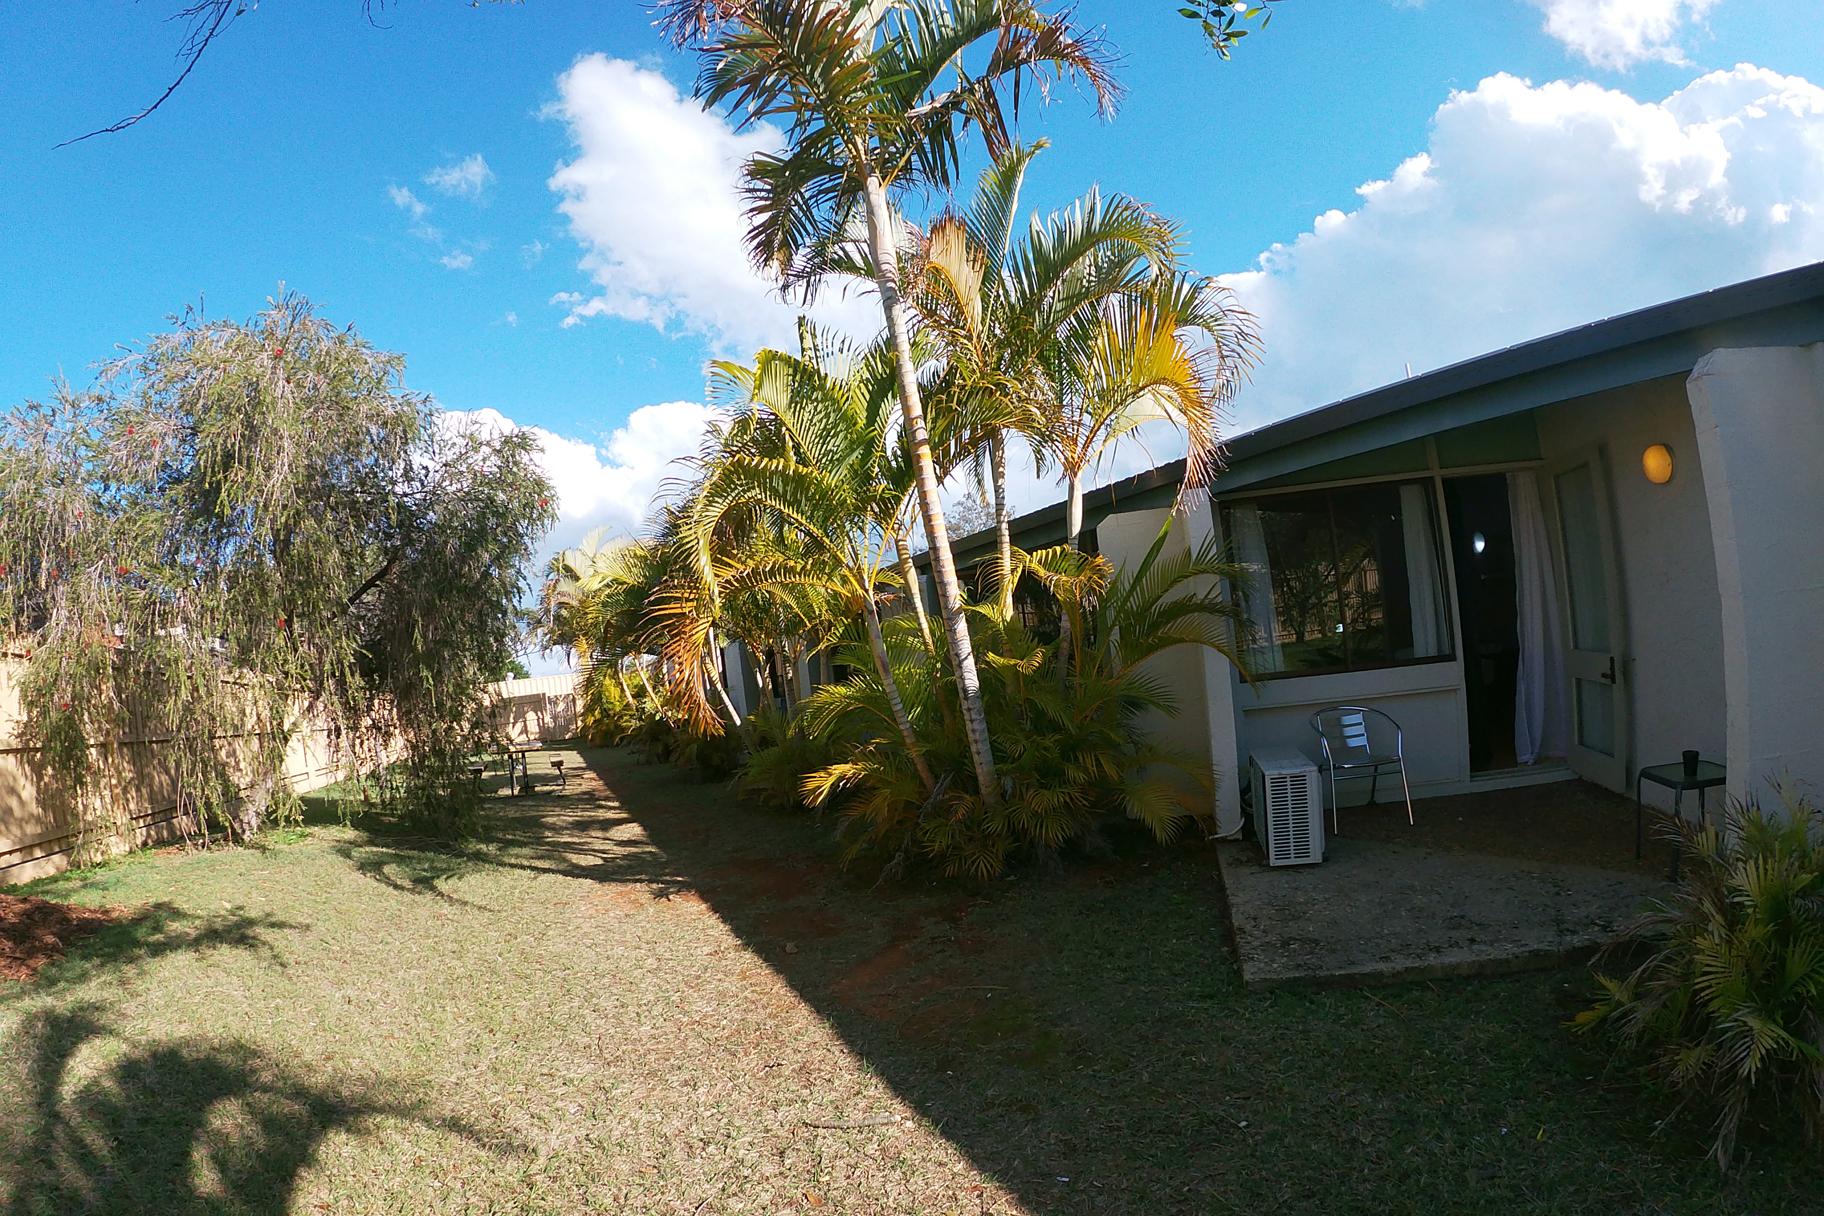 c - Kallangur North Lakes Motel